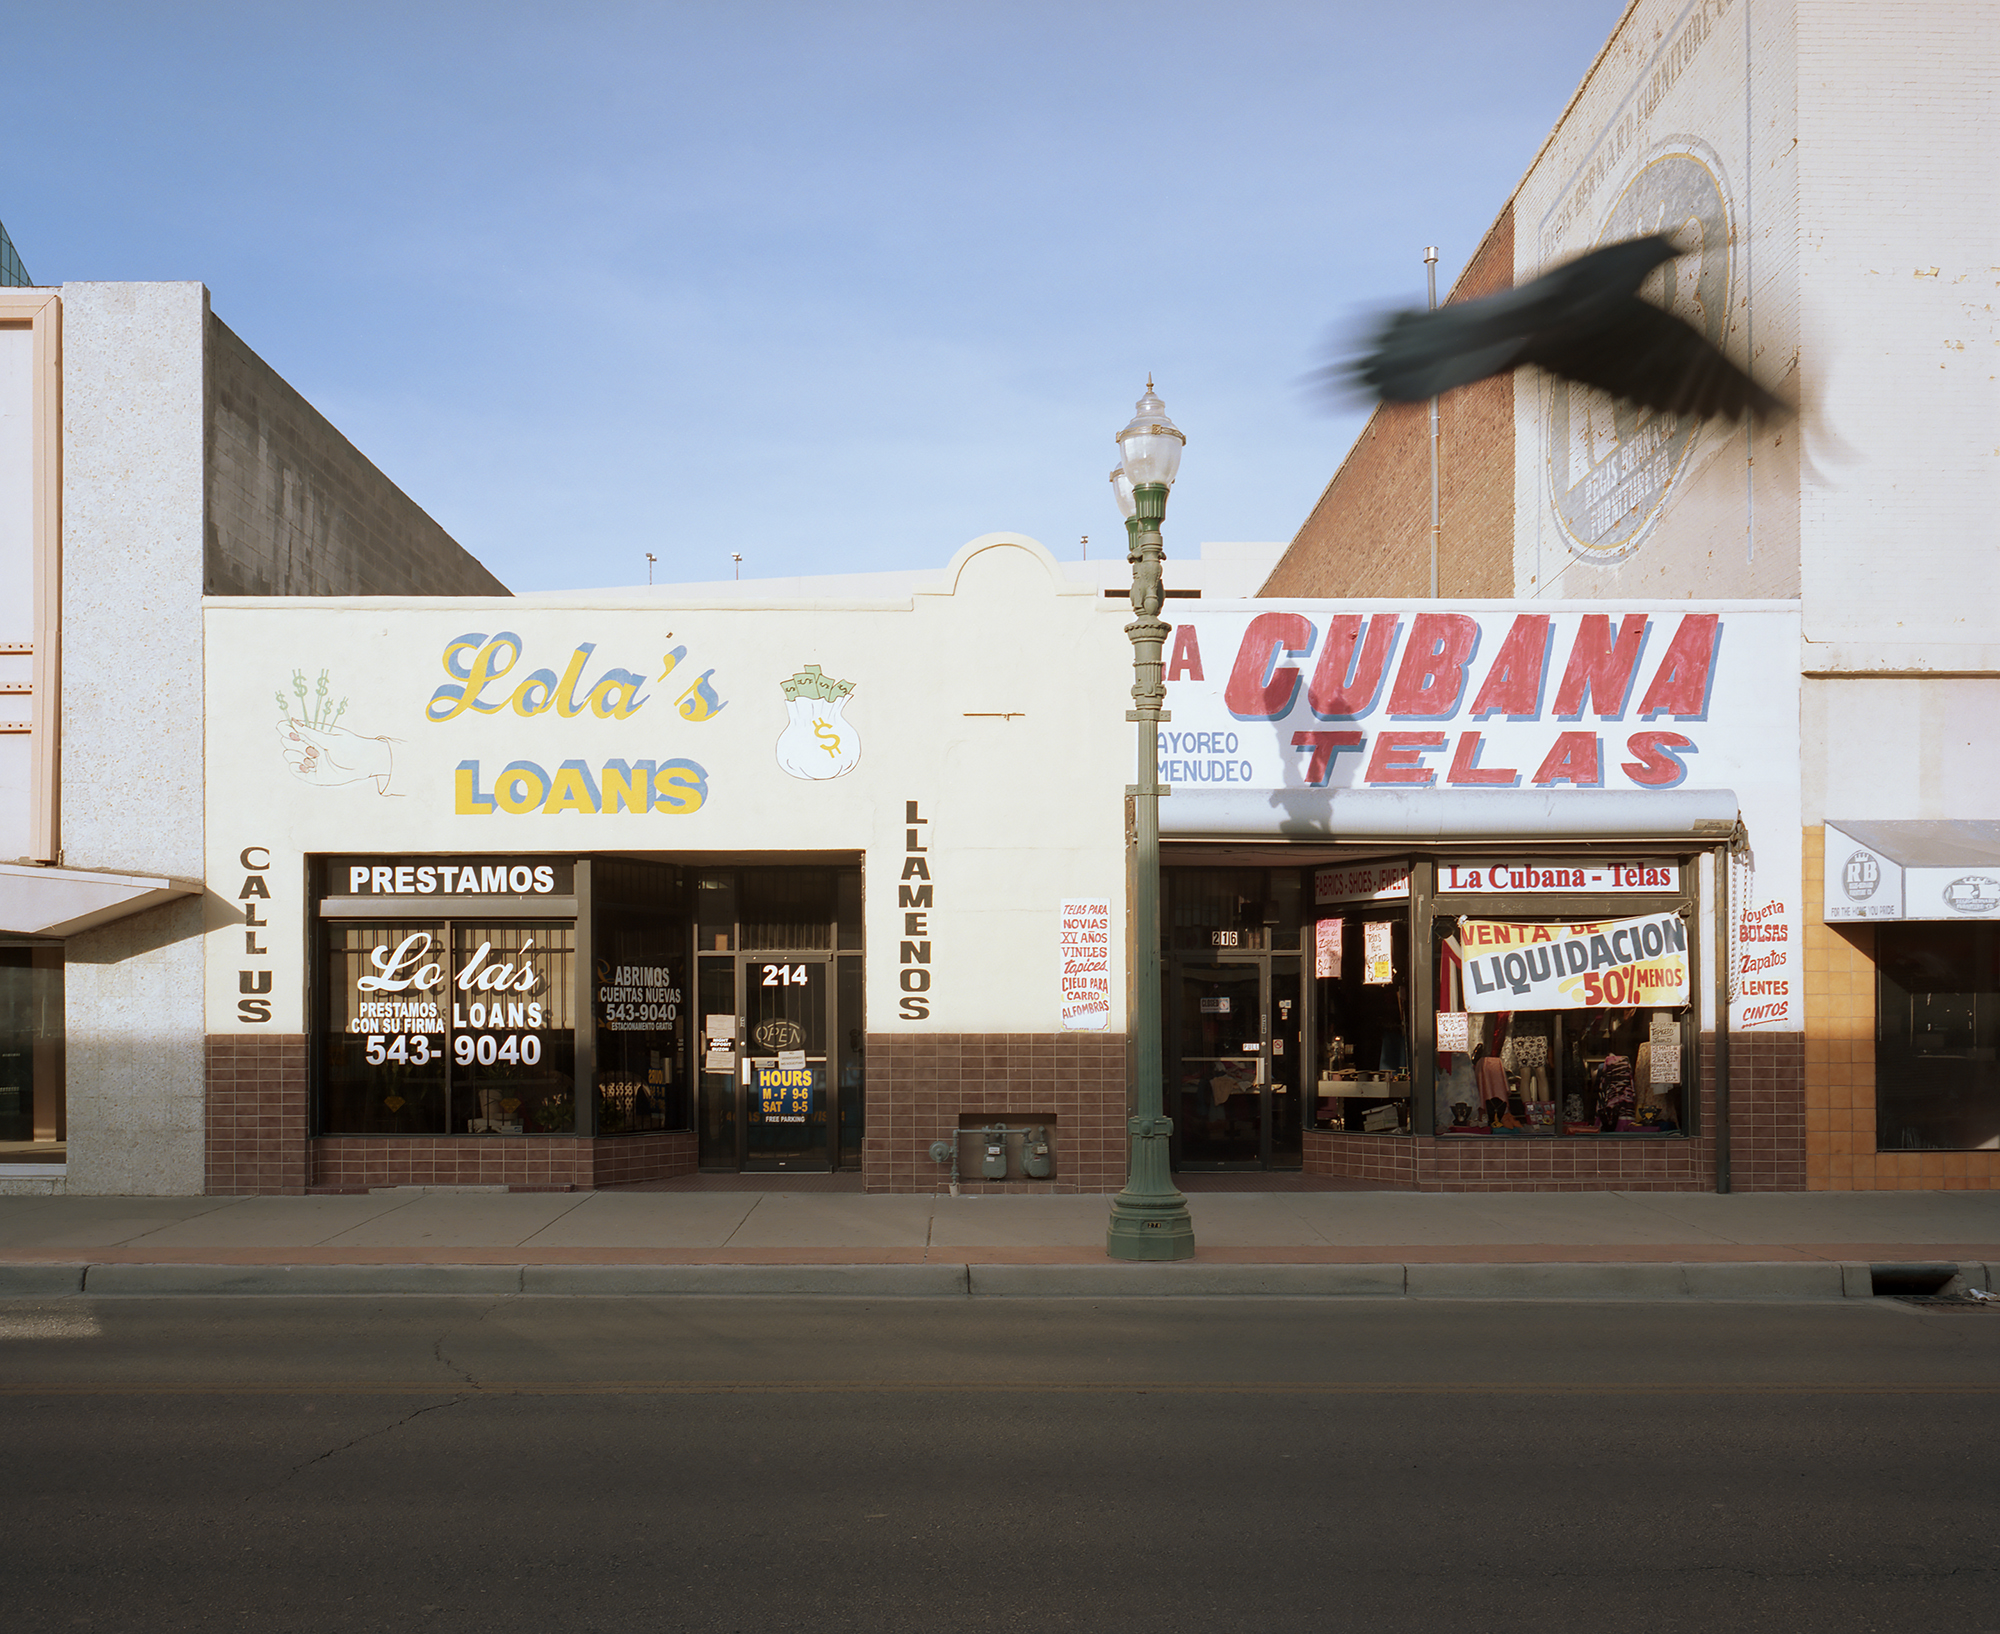 Lola's Loans. El Paso, TX